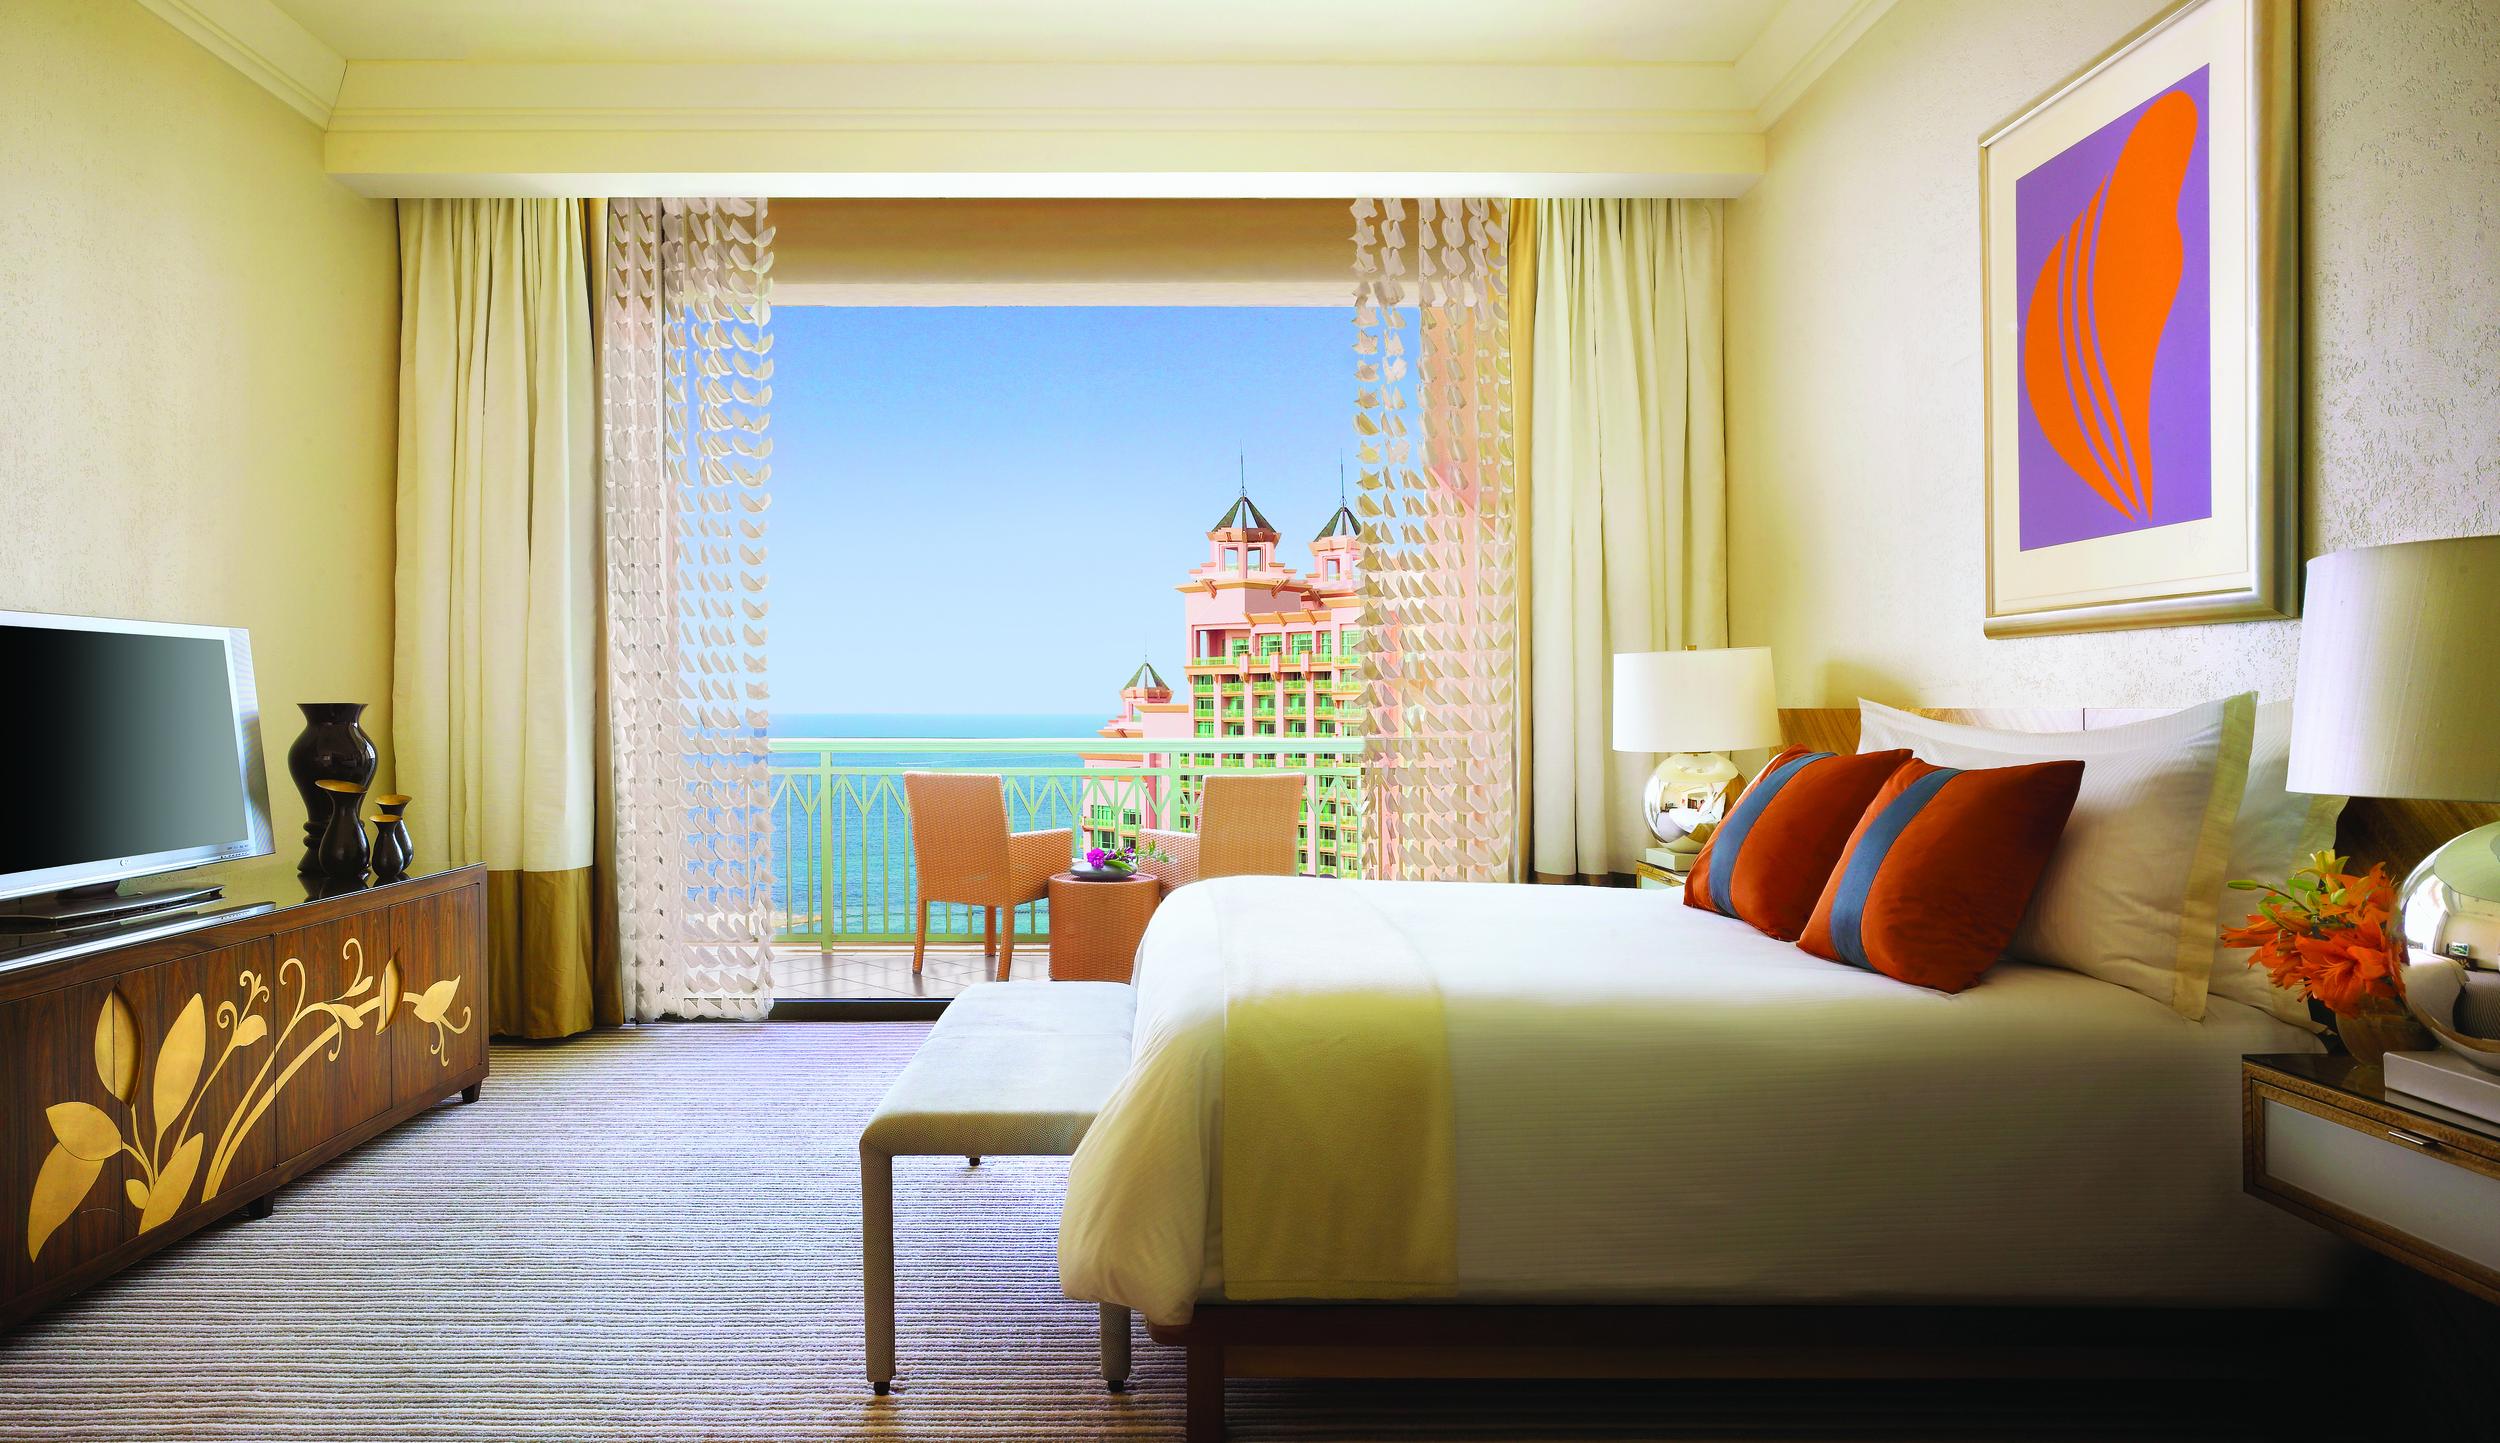 The_Reef_Atlantis_Penthouse_Bedroom_2773_standard.jpg